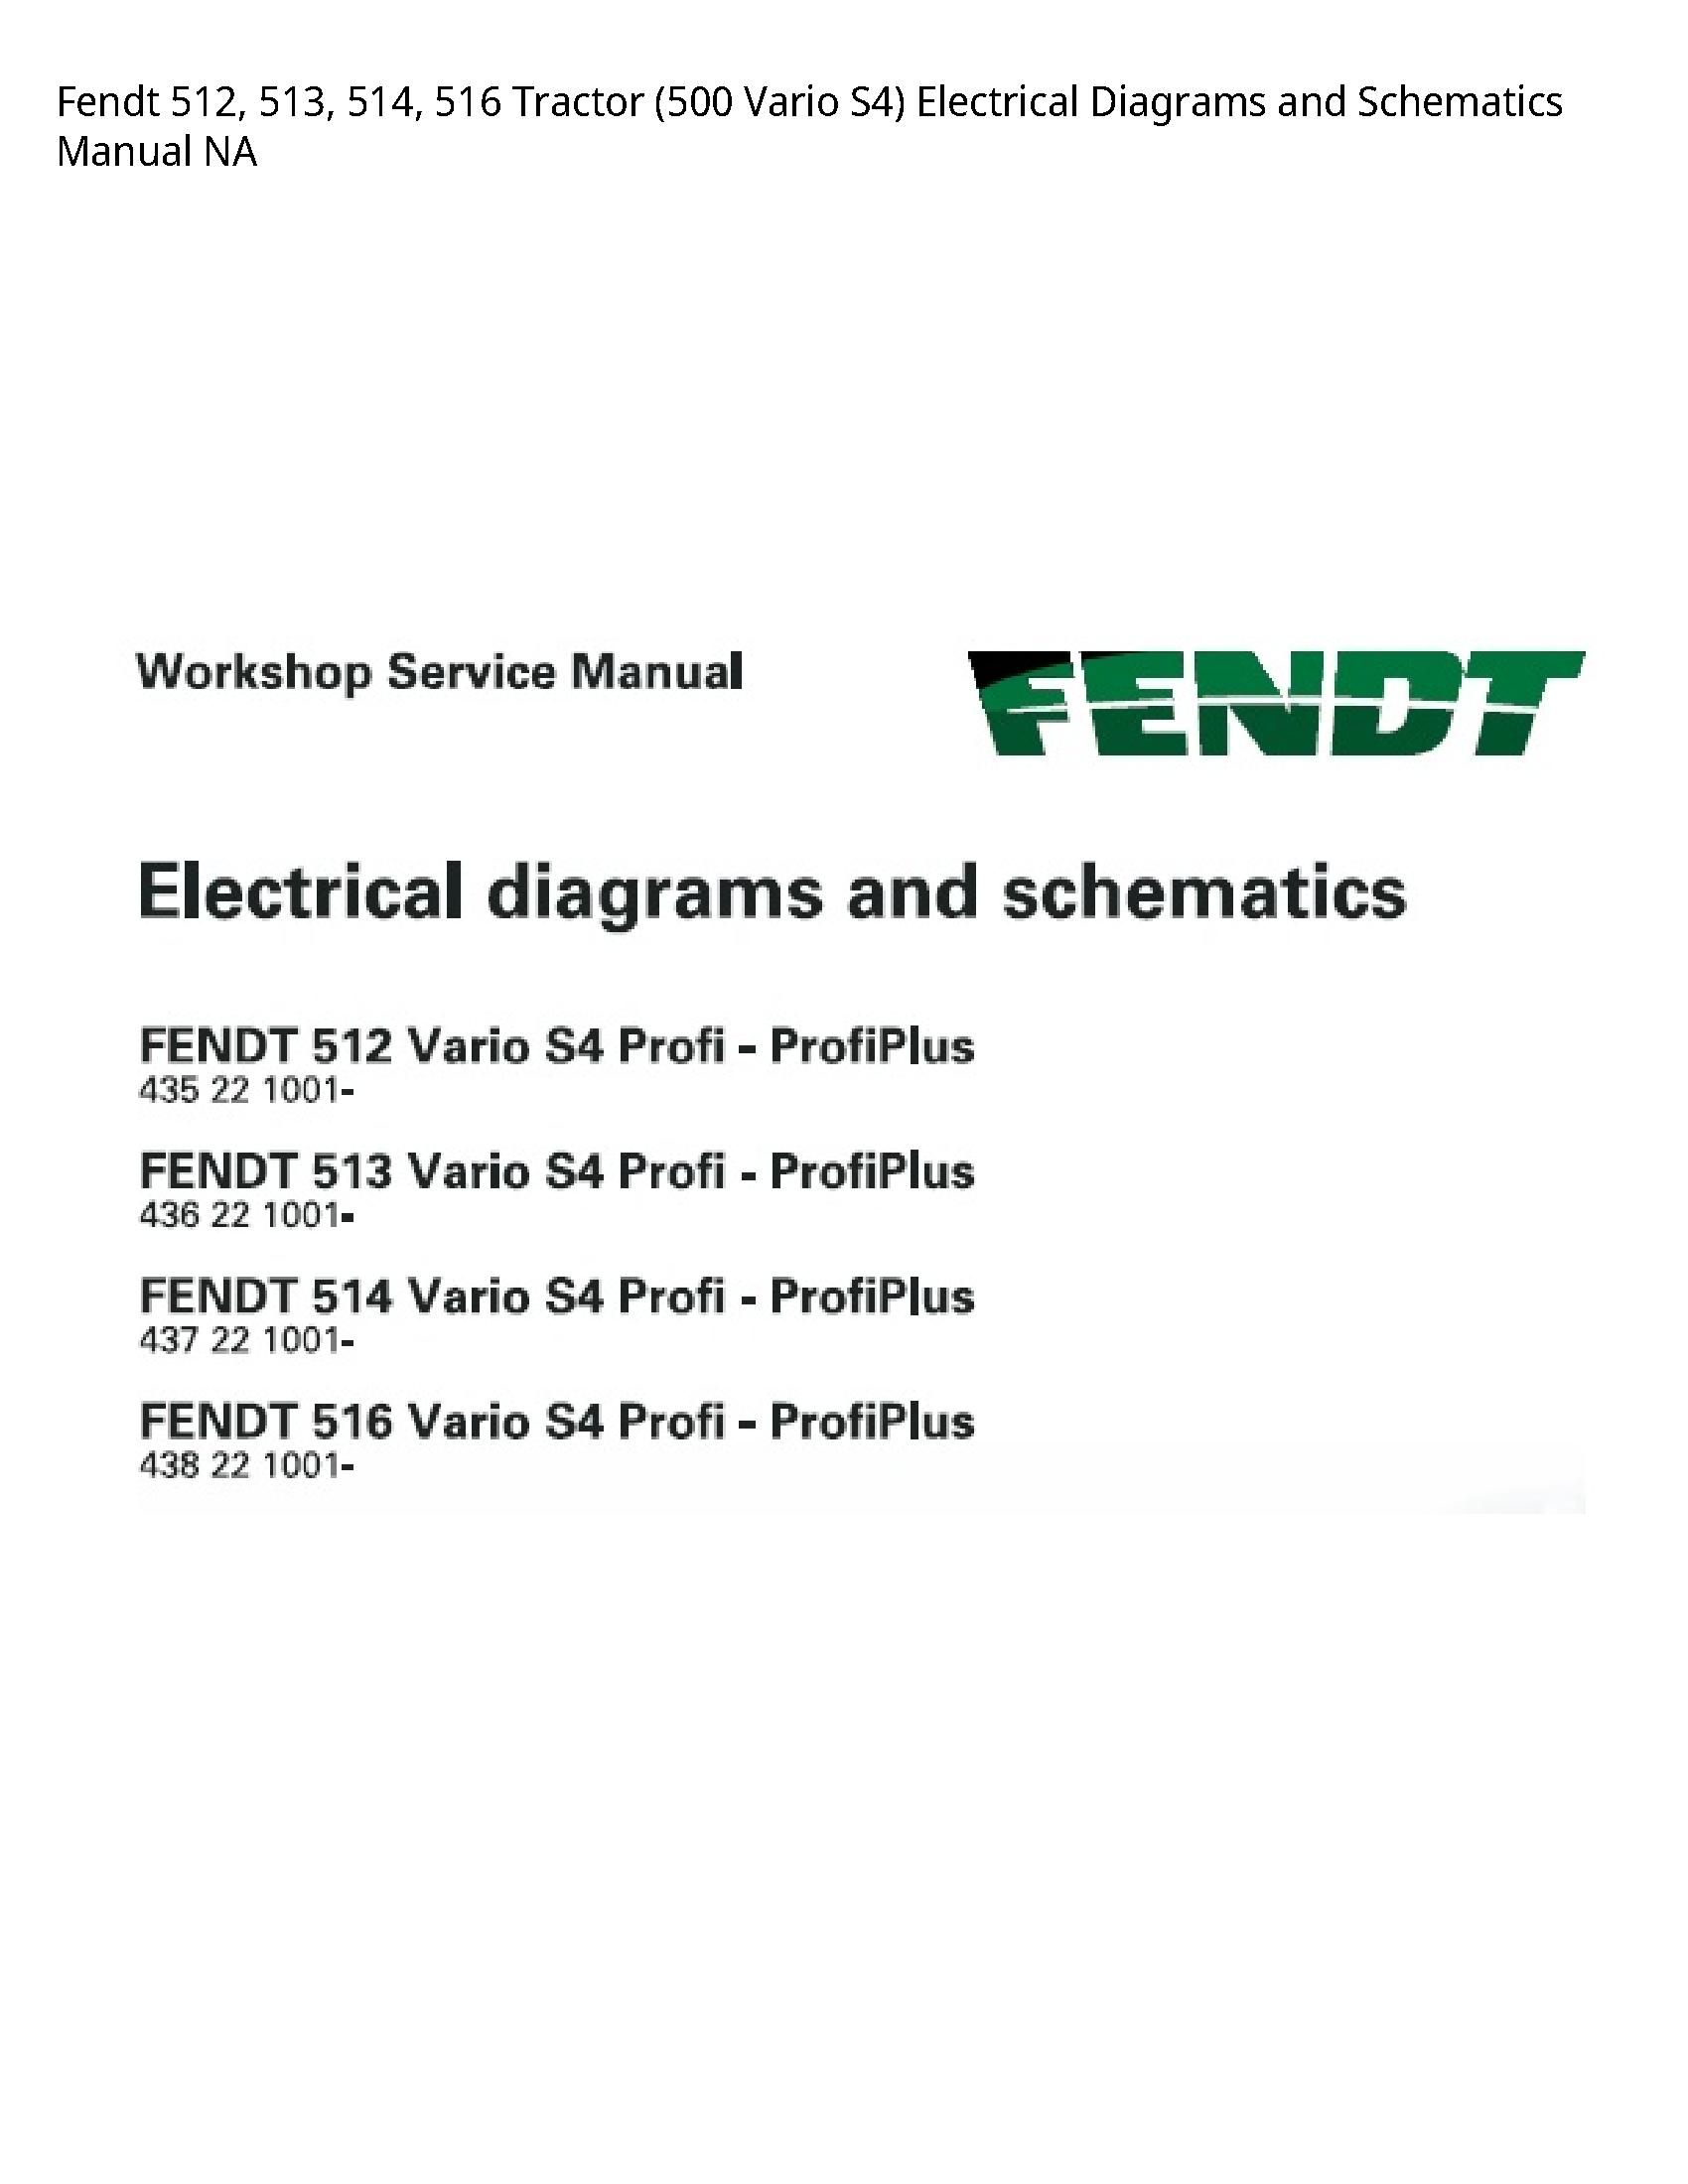 Fendt 512 Tractor Vario Electrical Diagrams  Schematics manual